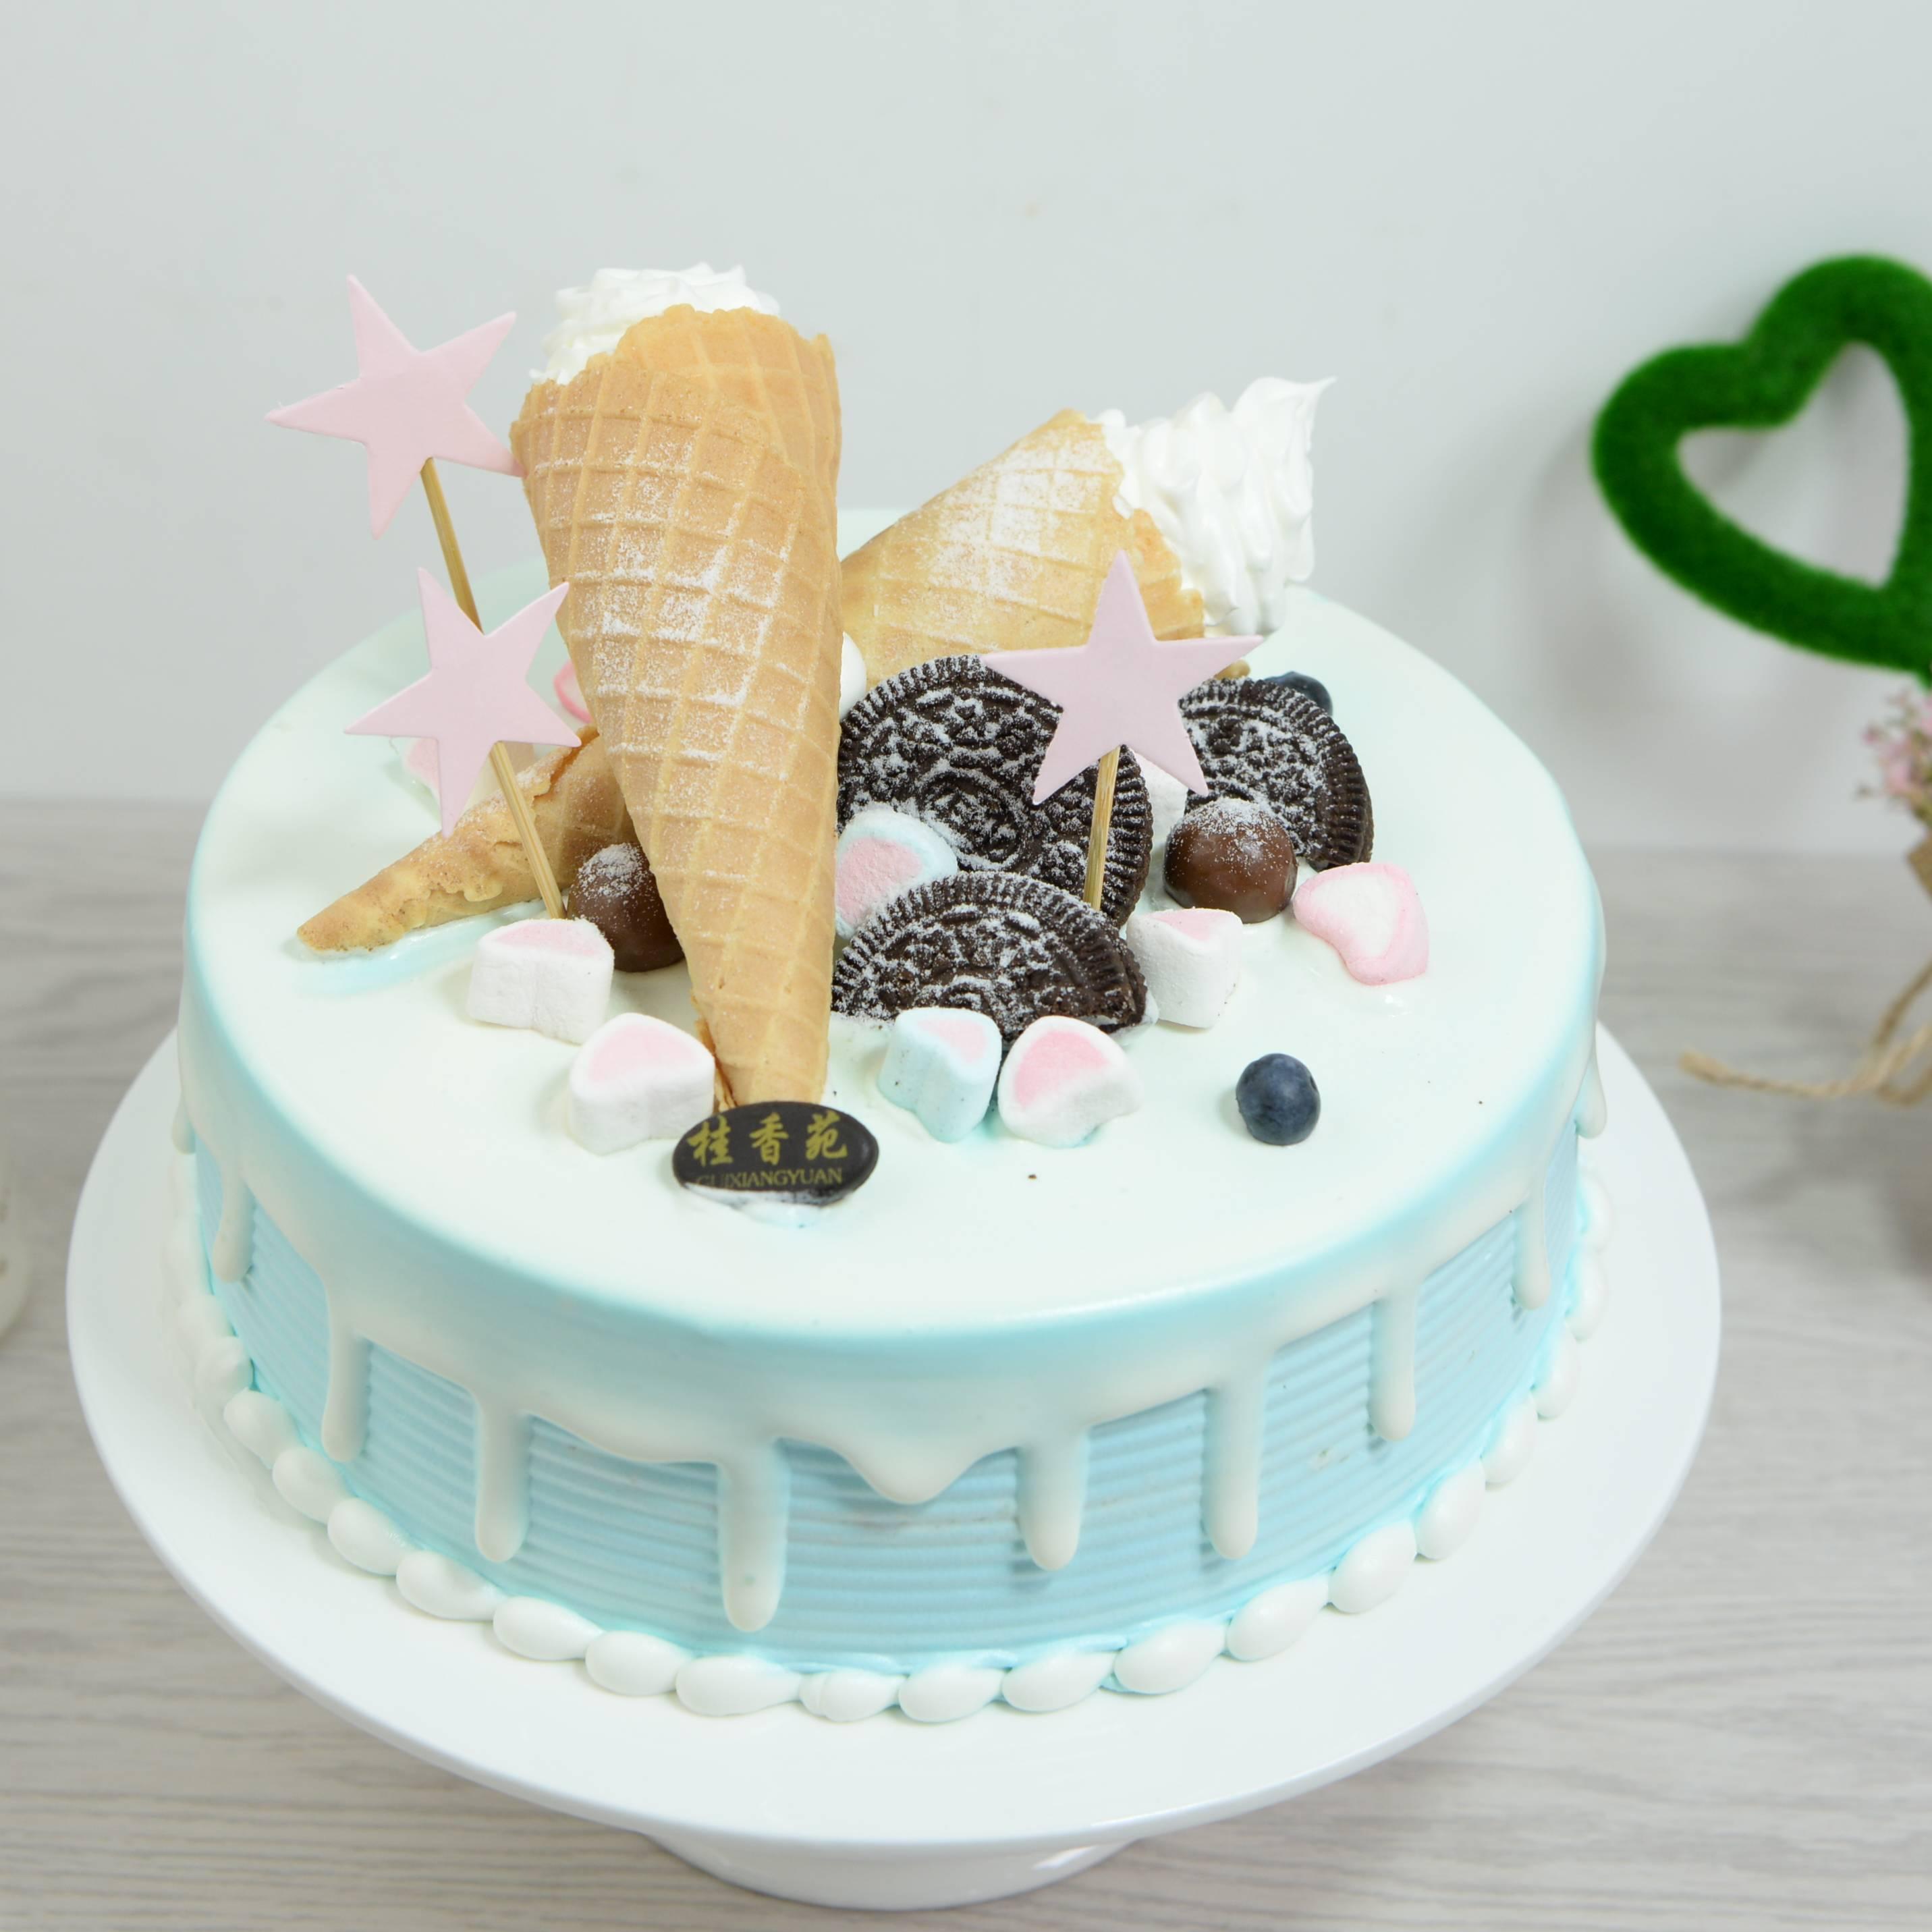 广州翻糖蛋糕制作培训班